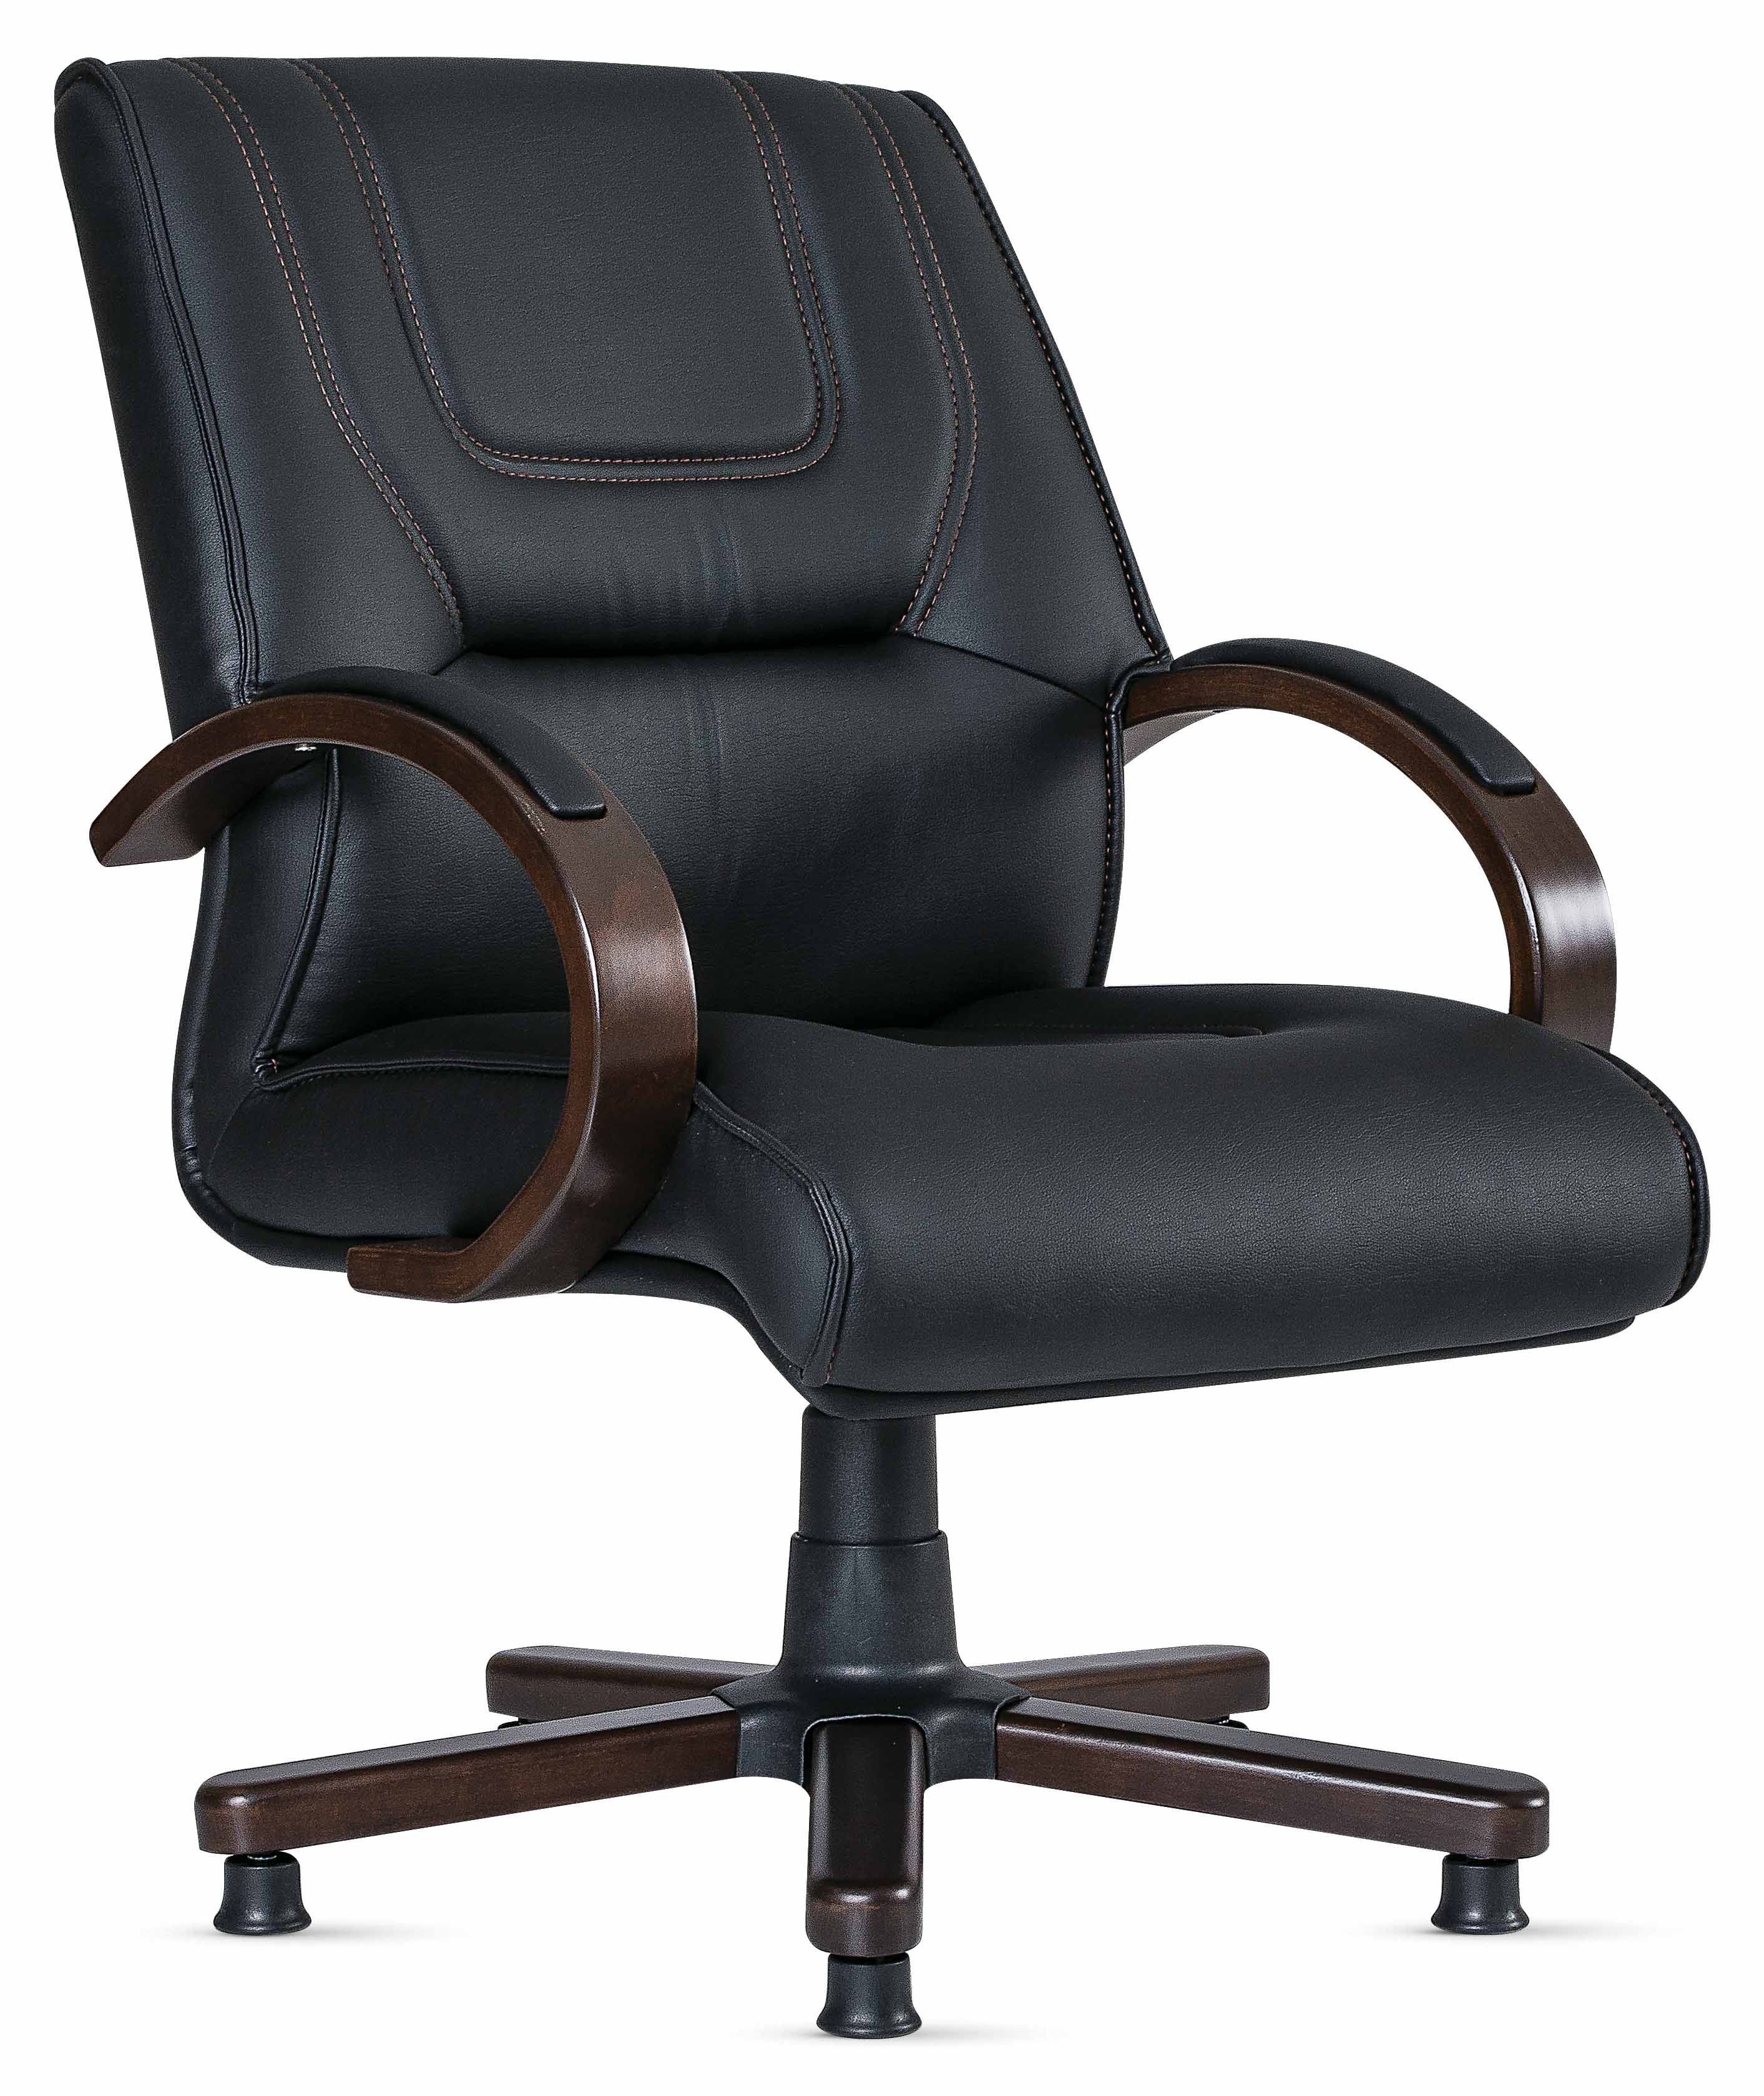 Bürosessel Baron Schwarz Mit Holz Armlehnen Günstig Kaufen Möbel Star